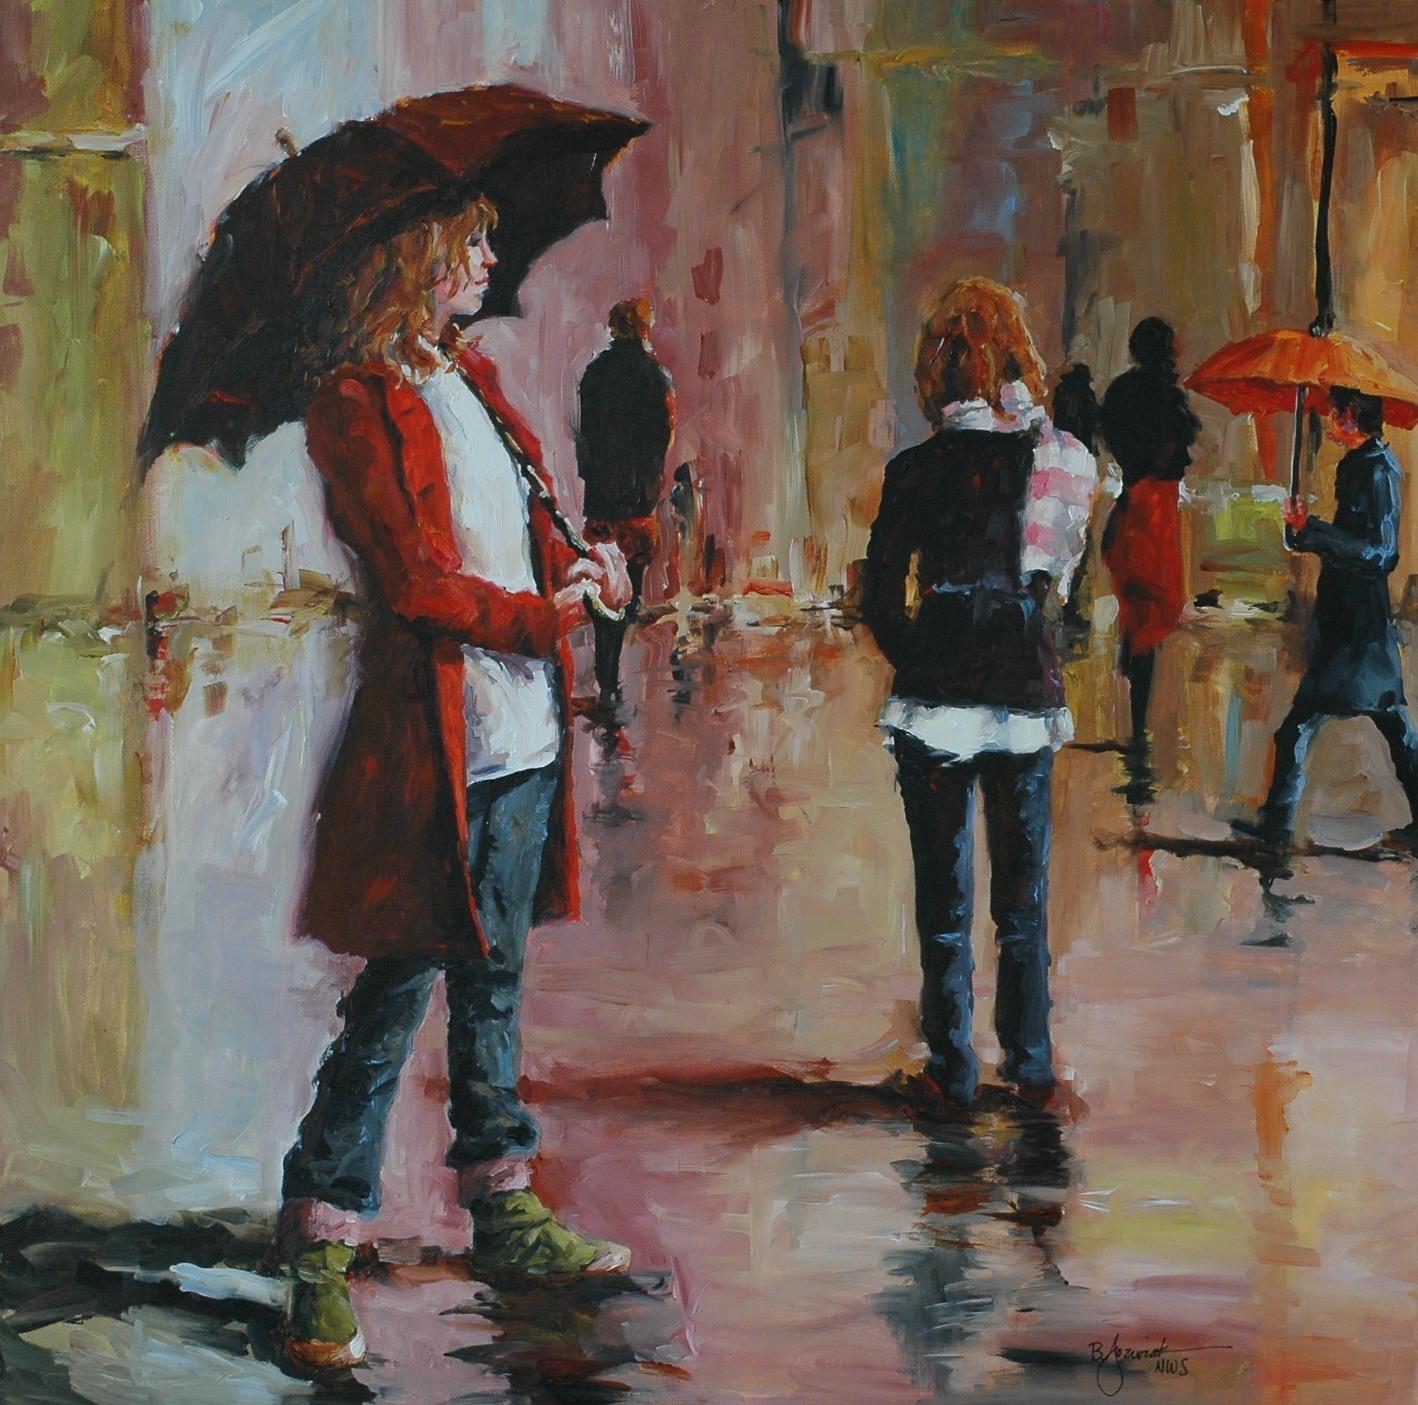 Come Rain or Shine sold